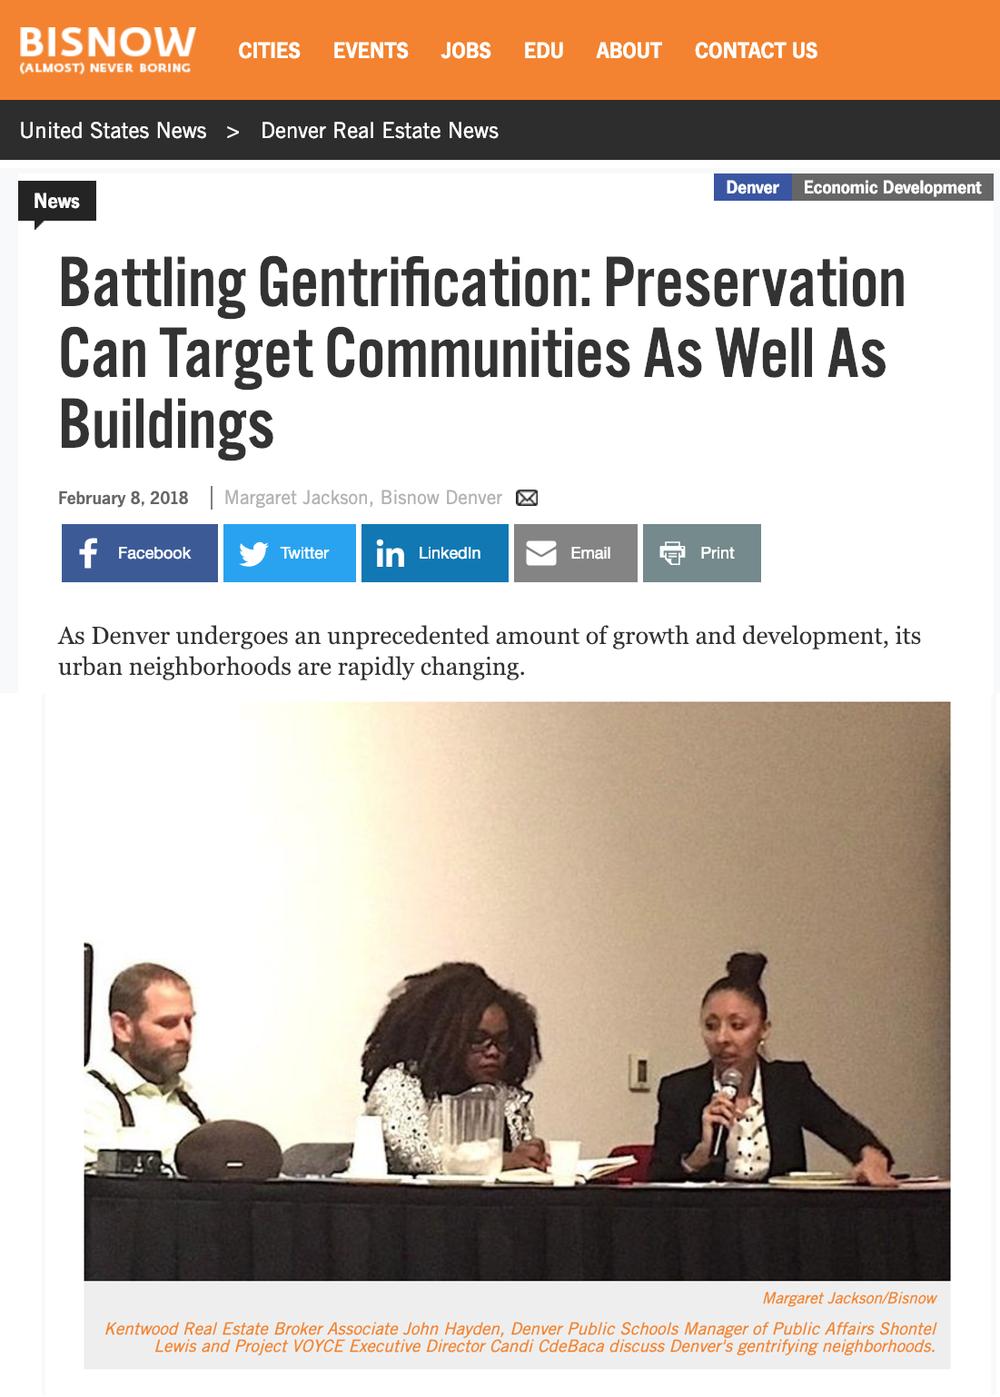 Lucha contra la gentrificación: la preservación puede dirigirse a las comunidades así como a los edificios - A medida que Denver experimenta una cantidad sin precedentes de crecimiento y desarrollo, sus vecindarios urbanos están cambiando rápidamente.